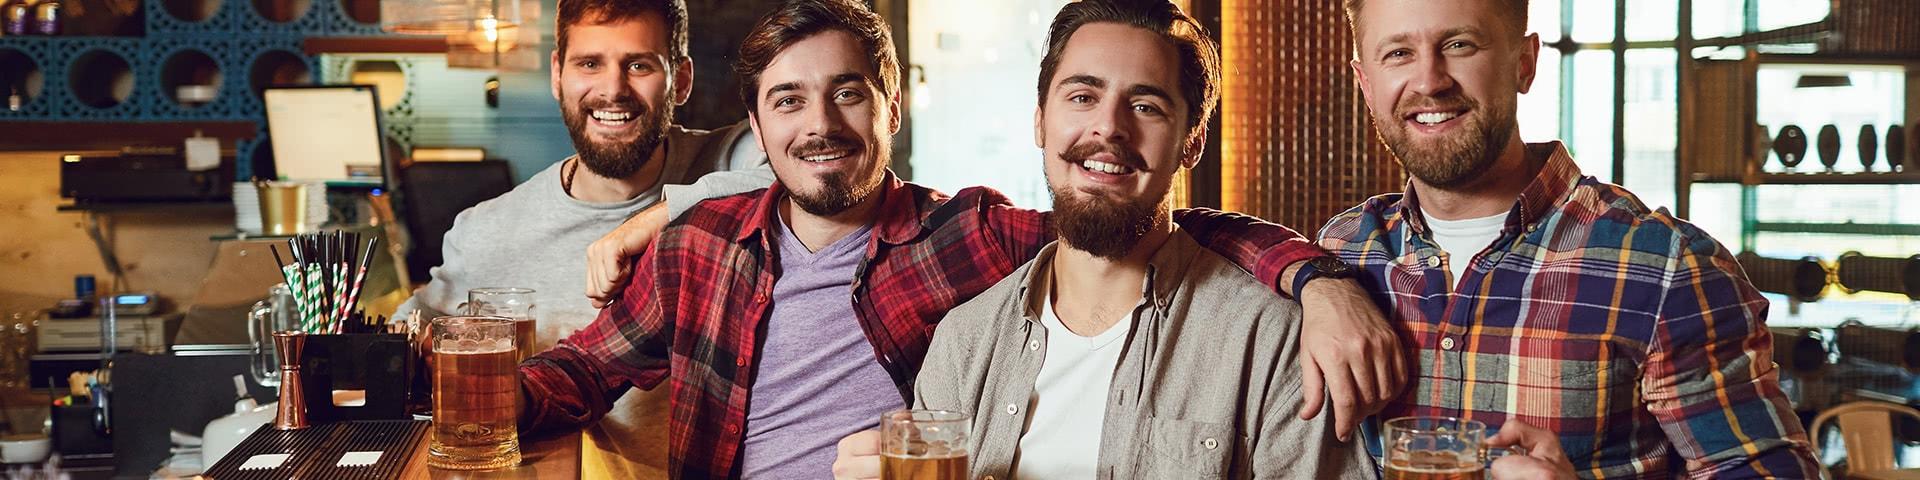 Männergruppe an einer Theke in einer Kneipe in Bremen die gemeinsam Bier trinken